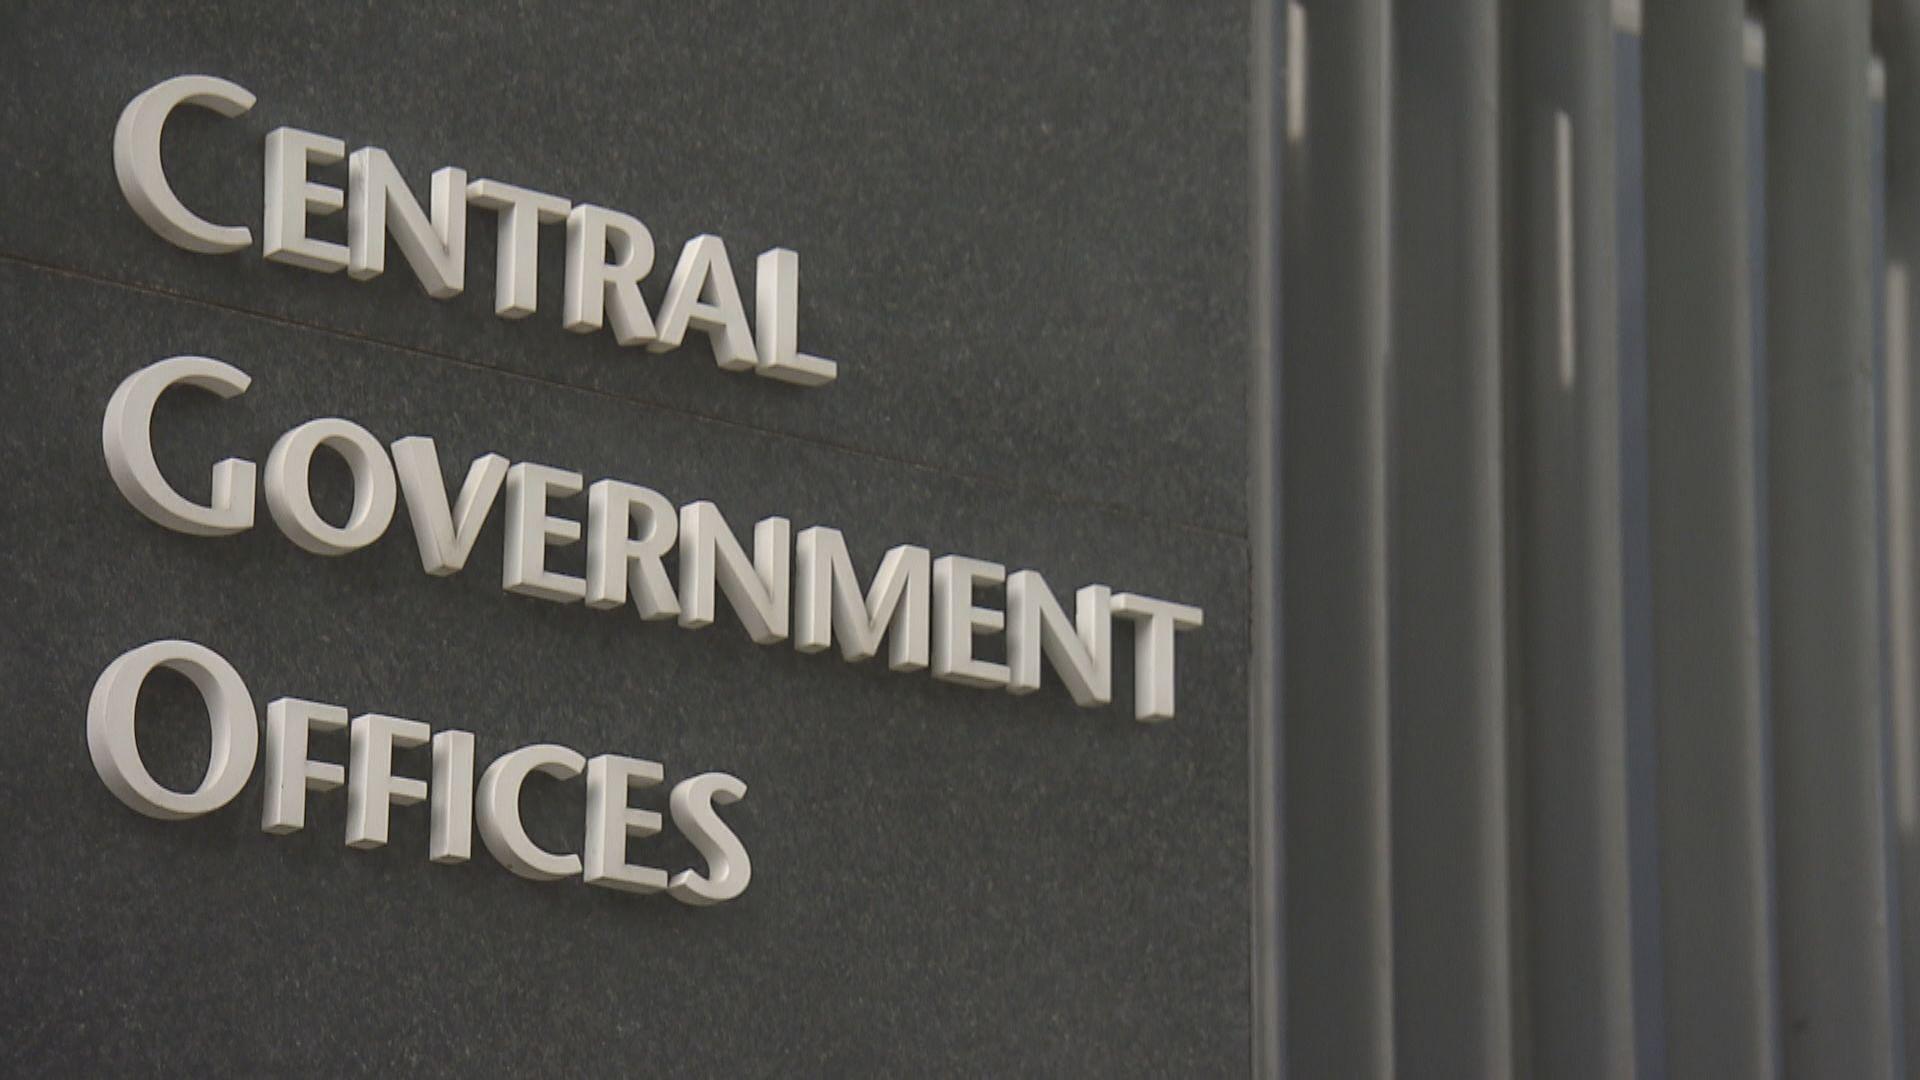 政府:繼續聆聽勞資雙方意見制訂政策